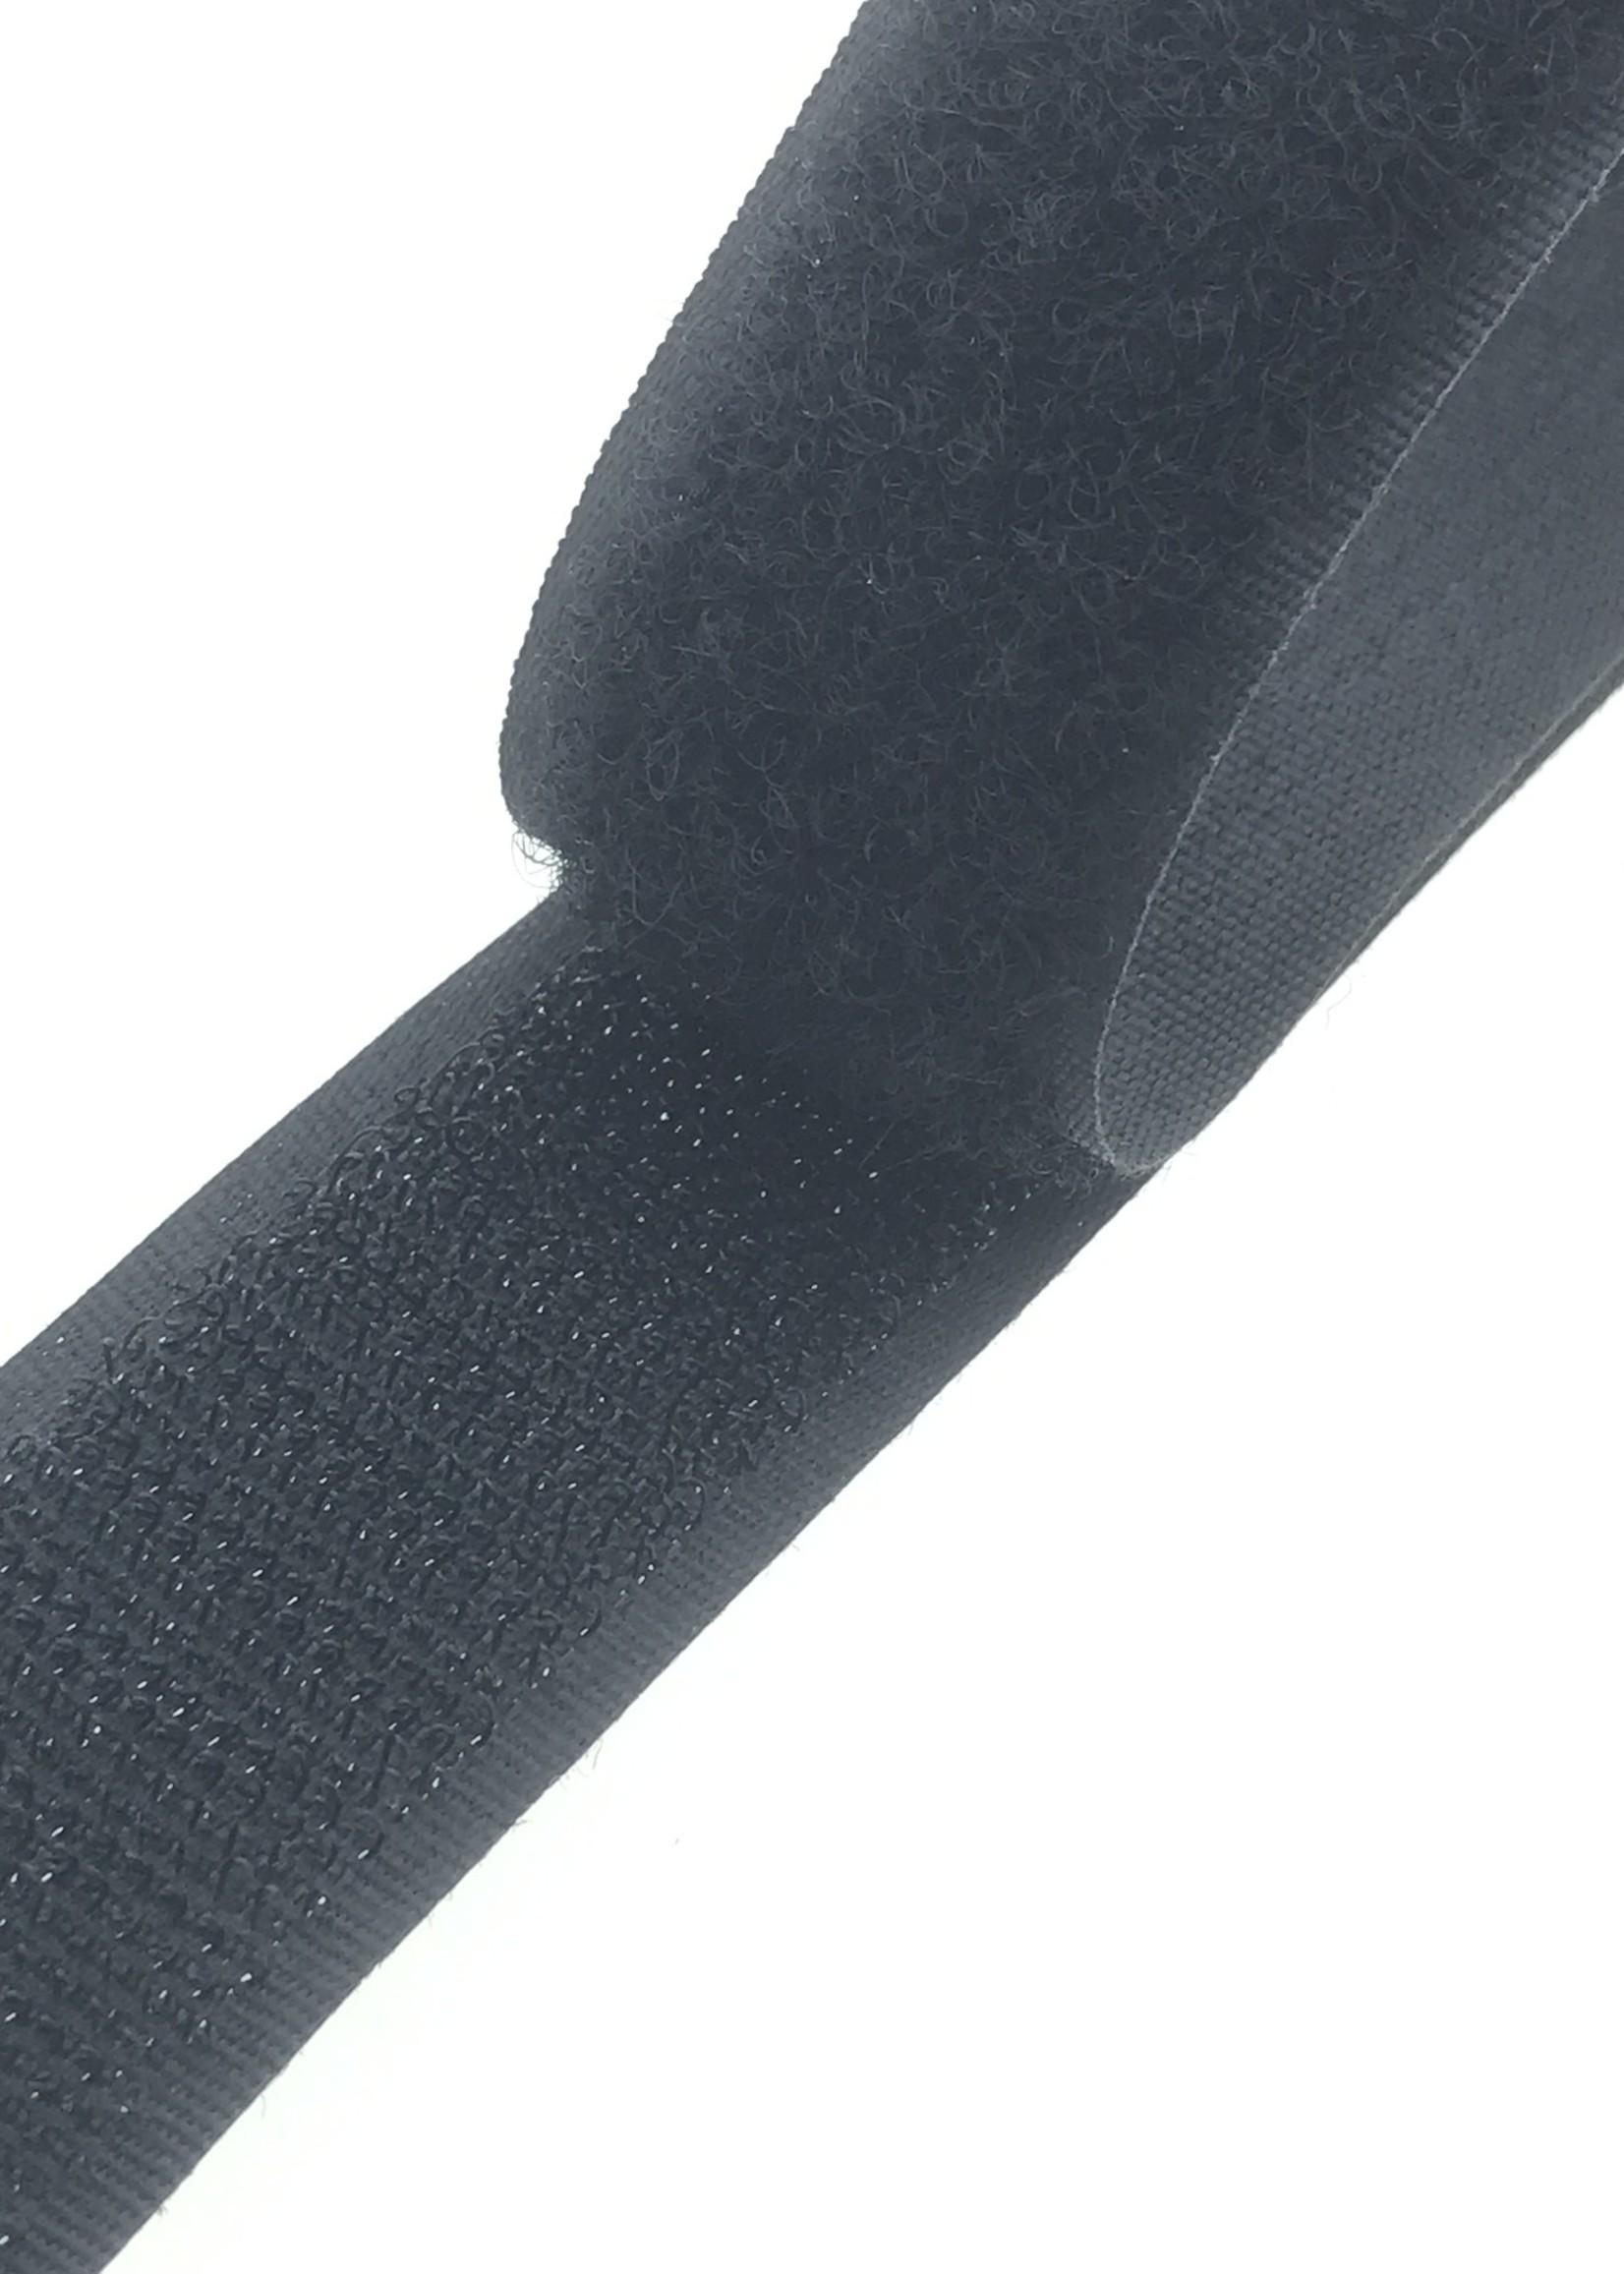 Klittenband Naaibaar 2,5cm breed ZWART 1 meter